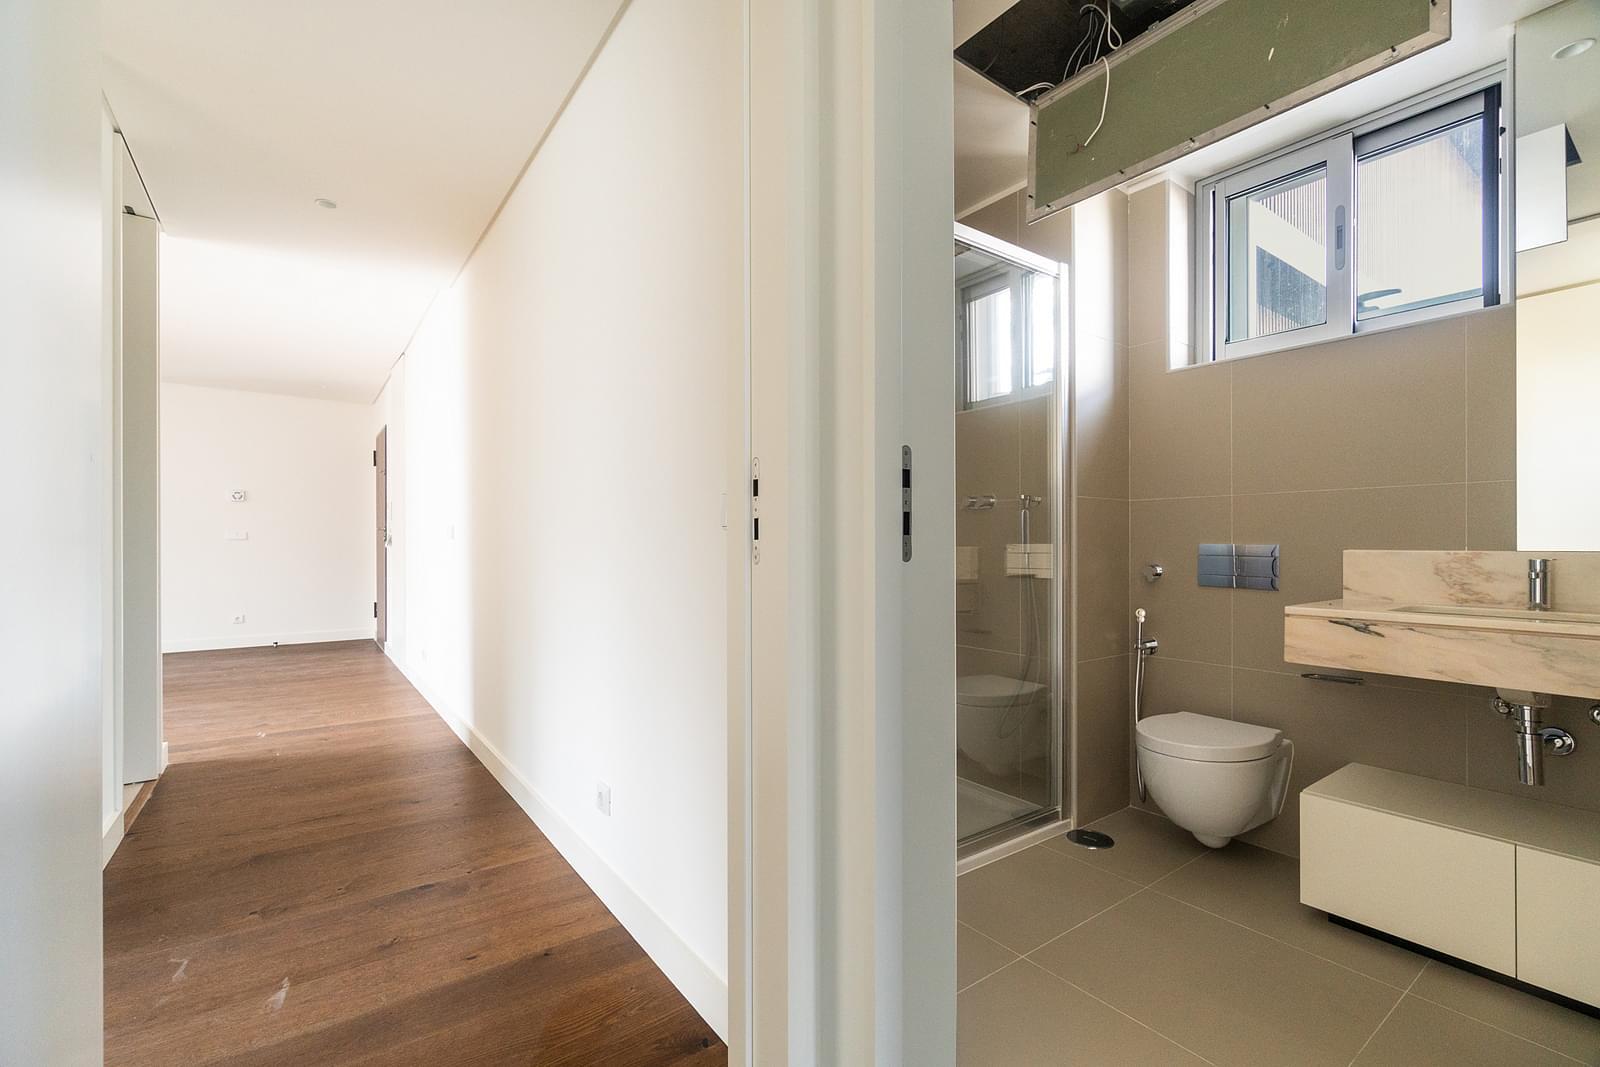 pf18694-apartamento-t3-lisboa-4820c7e0-0067-4a0b-af63-24c7f2df2e7e